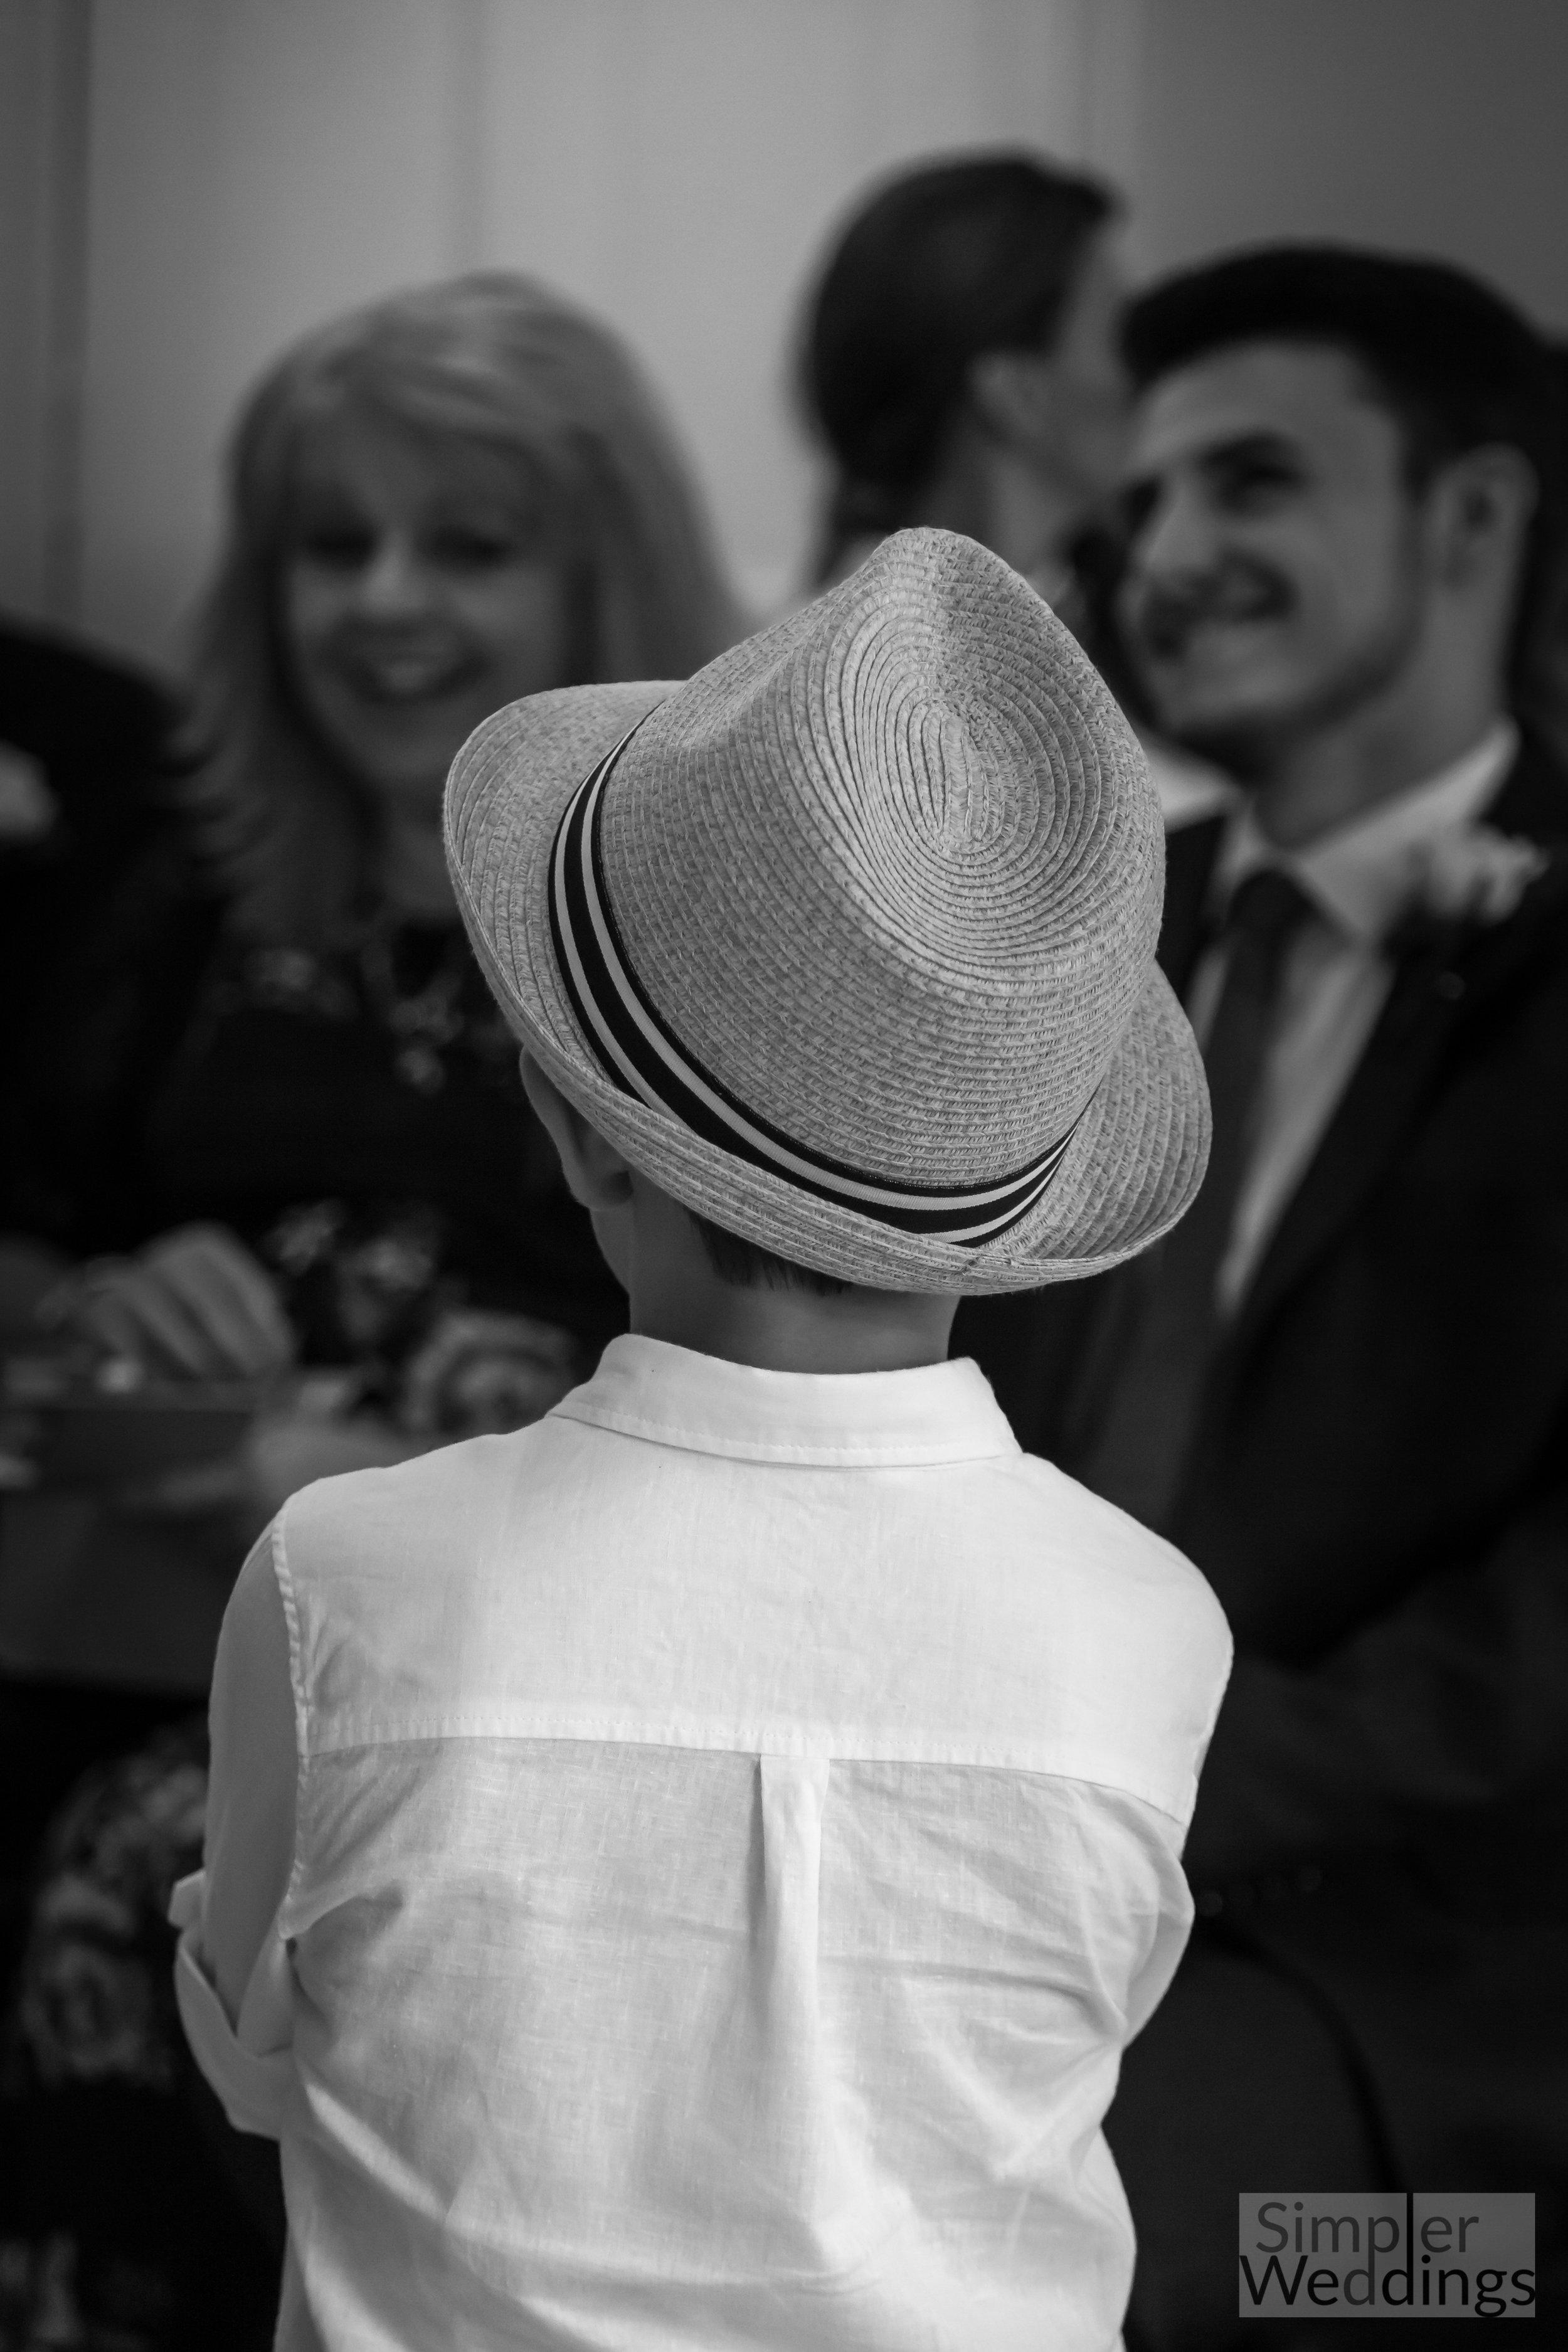 simpler-weddings-high-res-5365.jpg